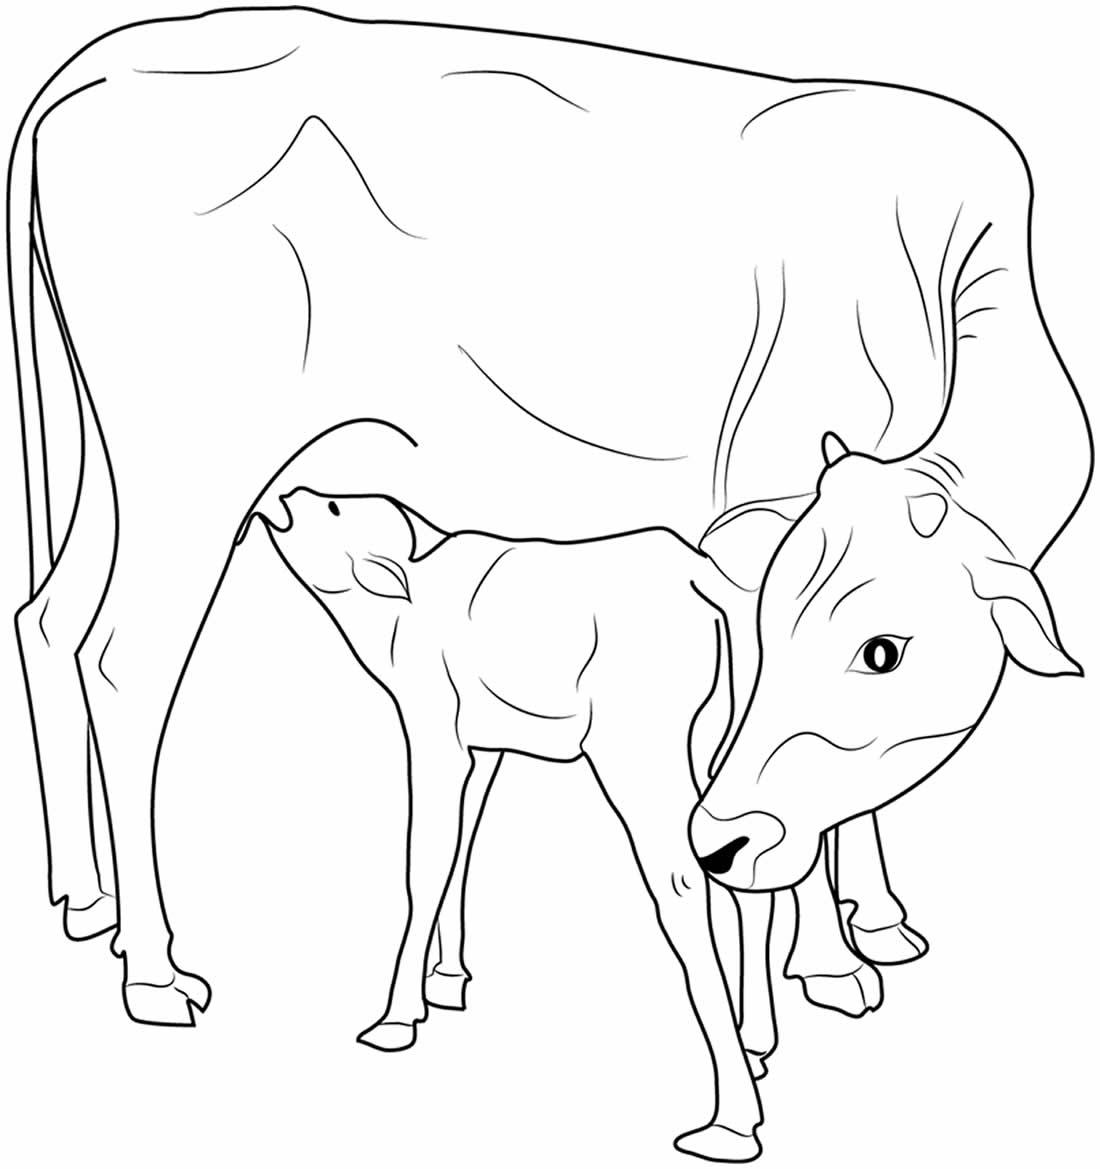 Desenhos para colorir de vacas